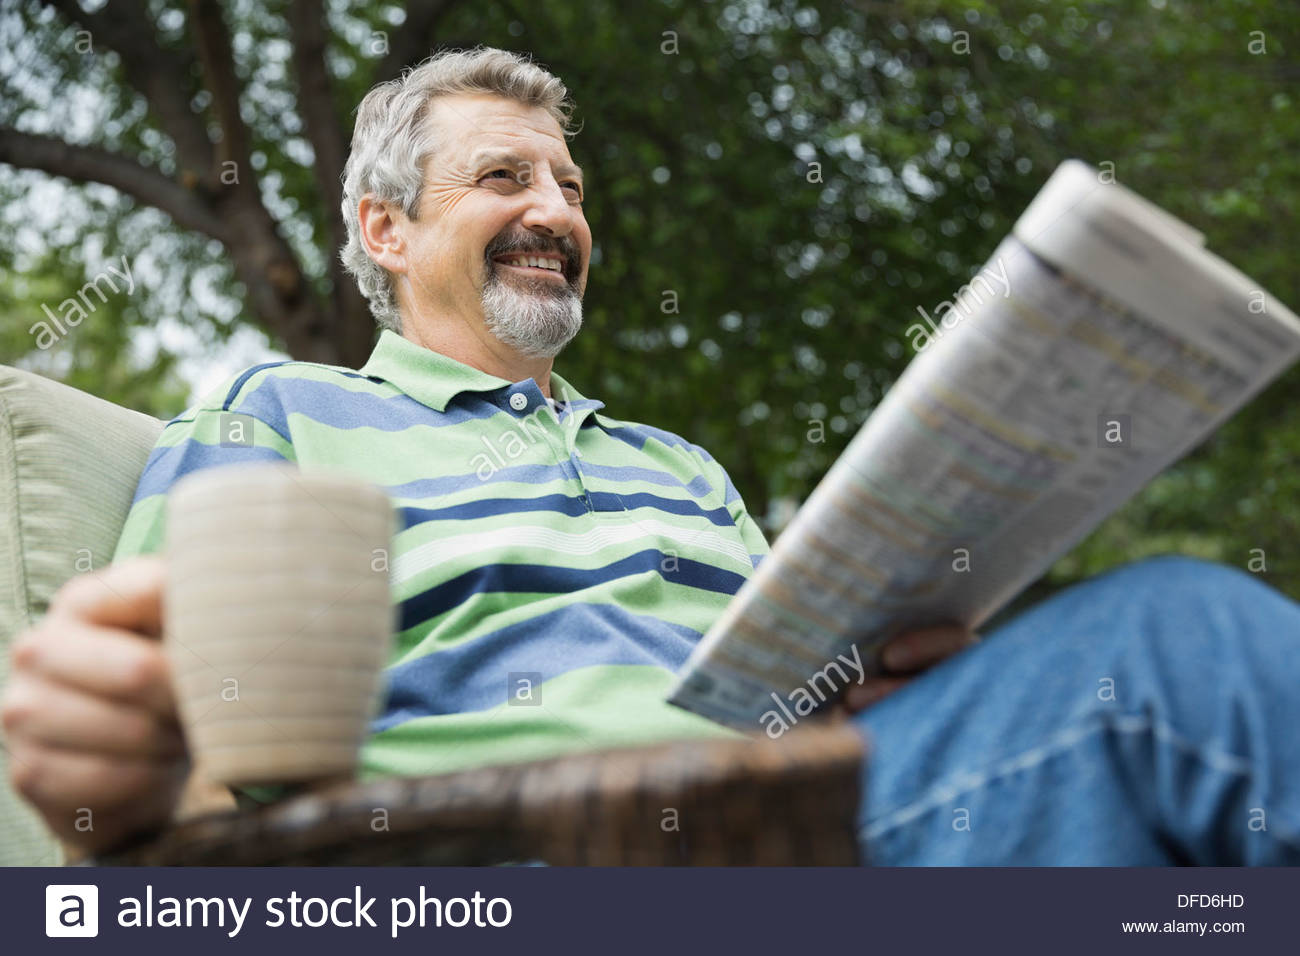 Felice l'uomo senior con tazza di caffè e un giornale seduti in giardino Immagini Stock